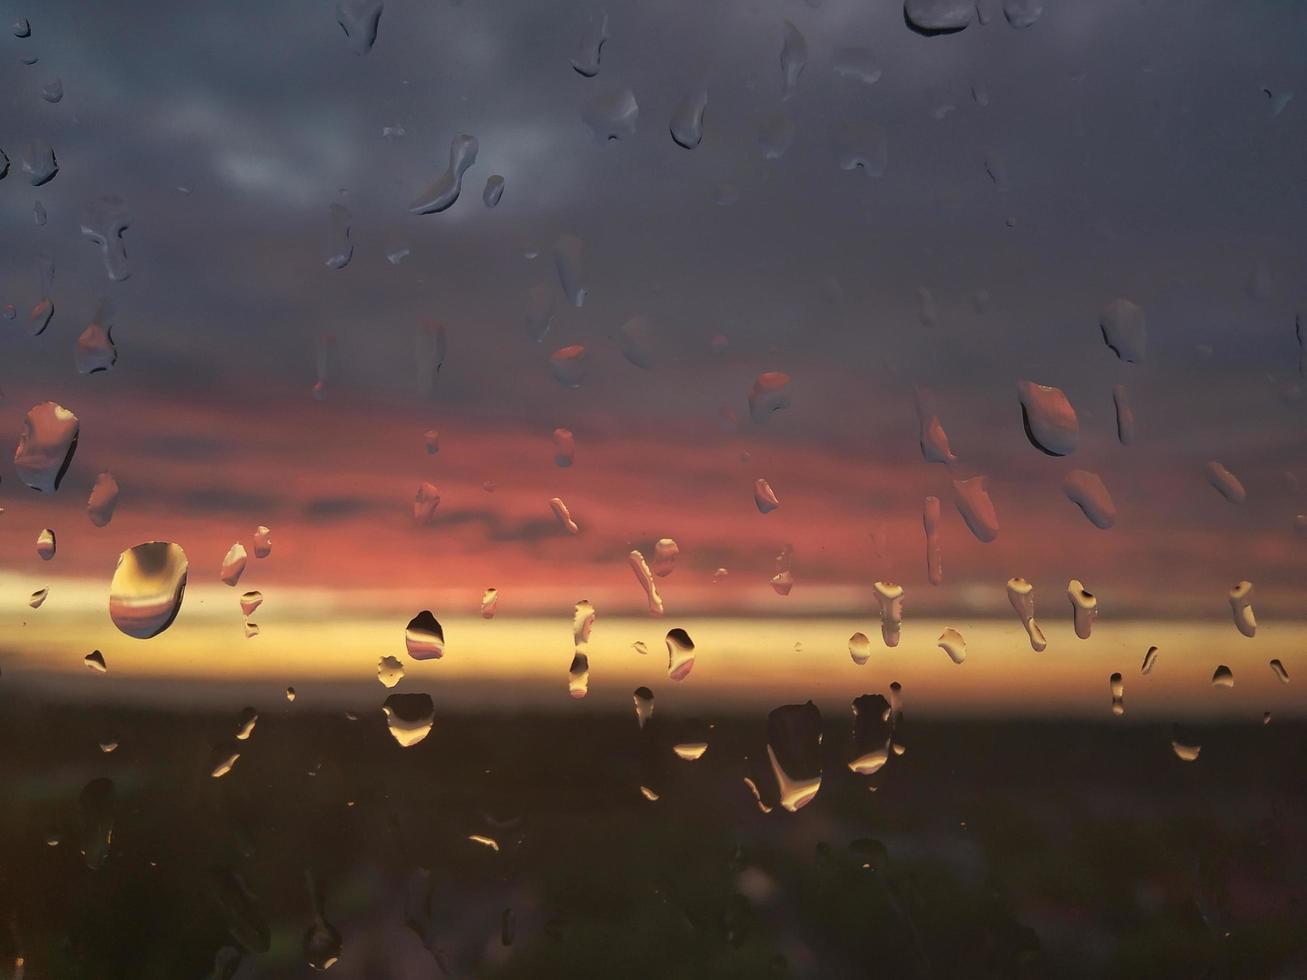 Rrain cae sobre el vidrio rojo amarillo luz foto